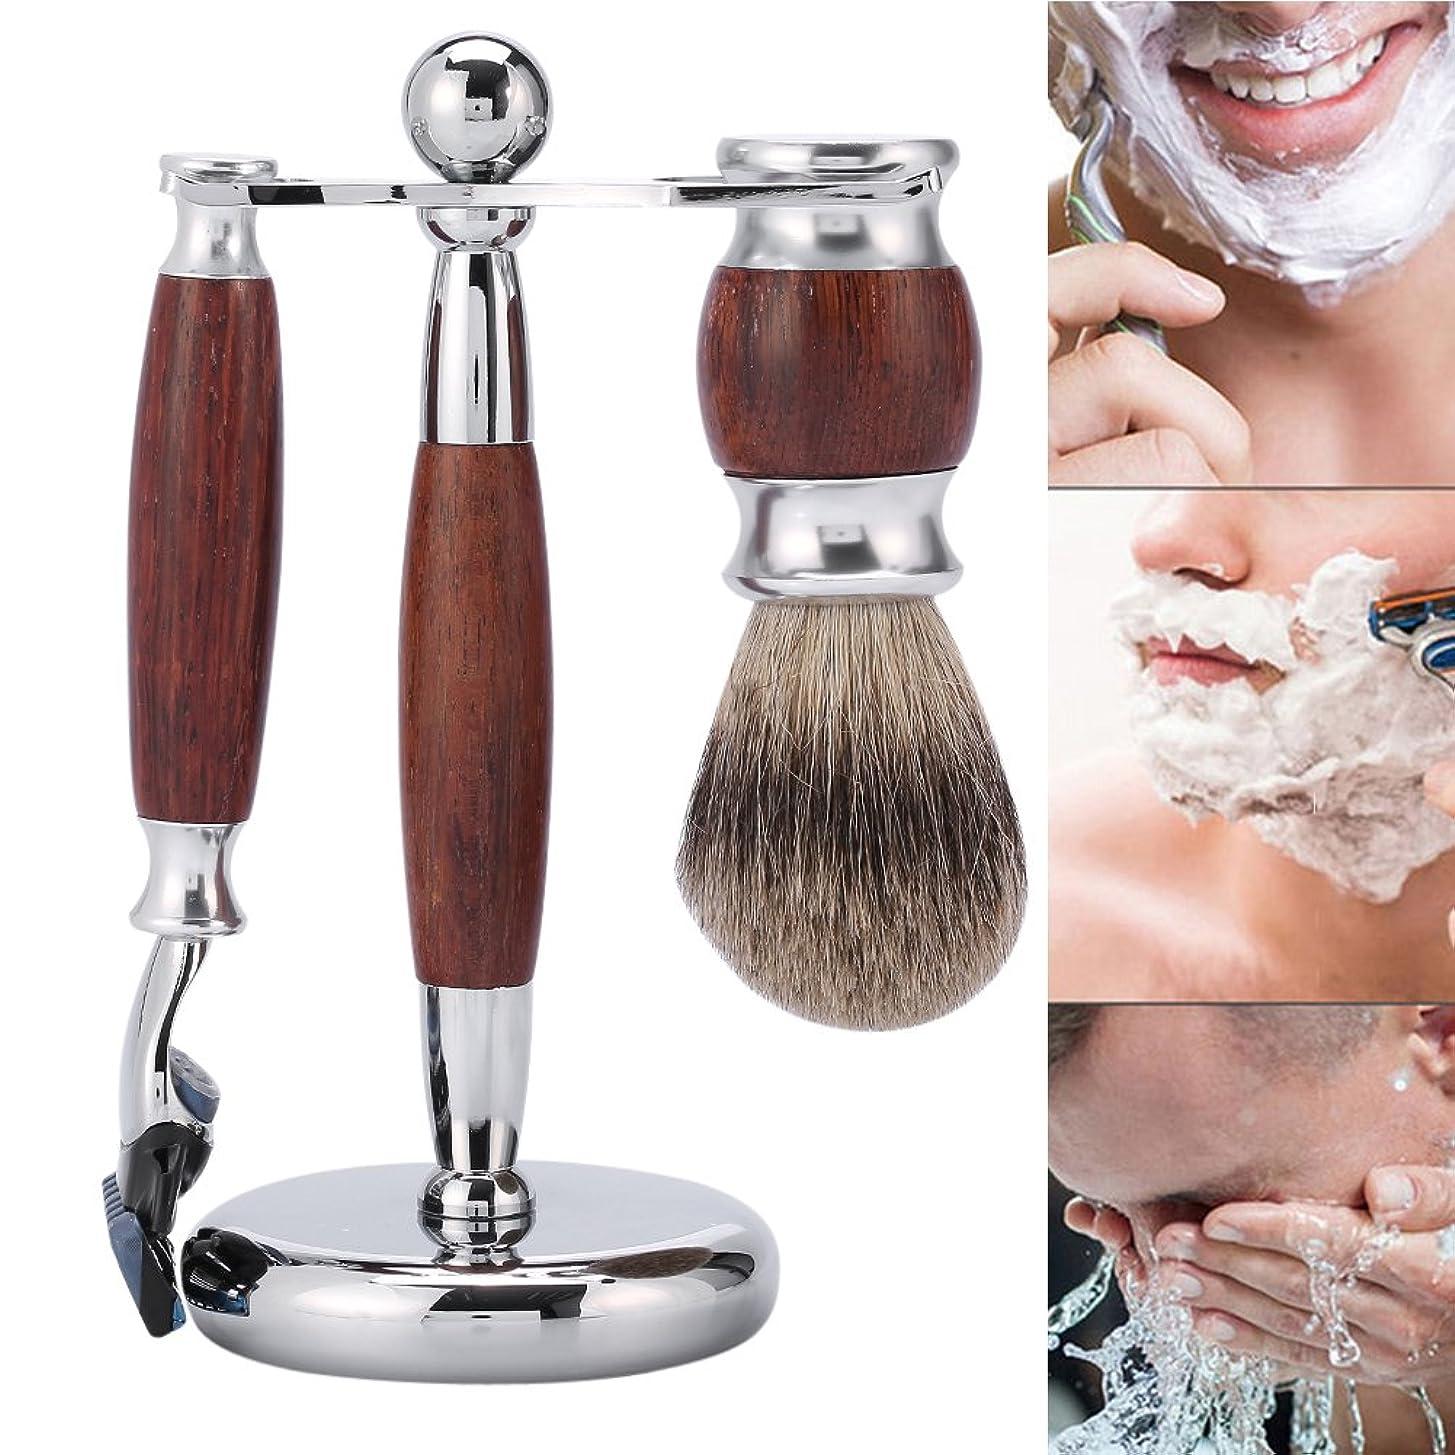 震え闘争健康的プロのひげを剃る、剃刀安全5層かみそり+マホガニーシェービングブラシとシェービングスリーブホルダーを剃ることは男性のための良い贈り物です